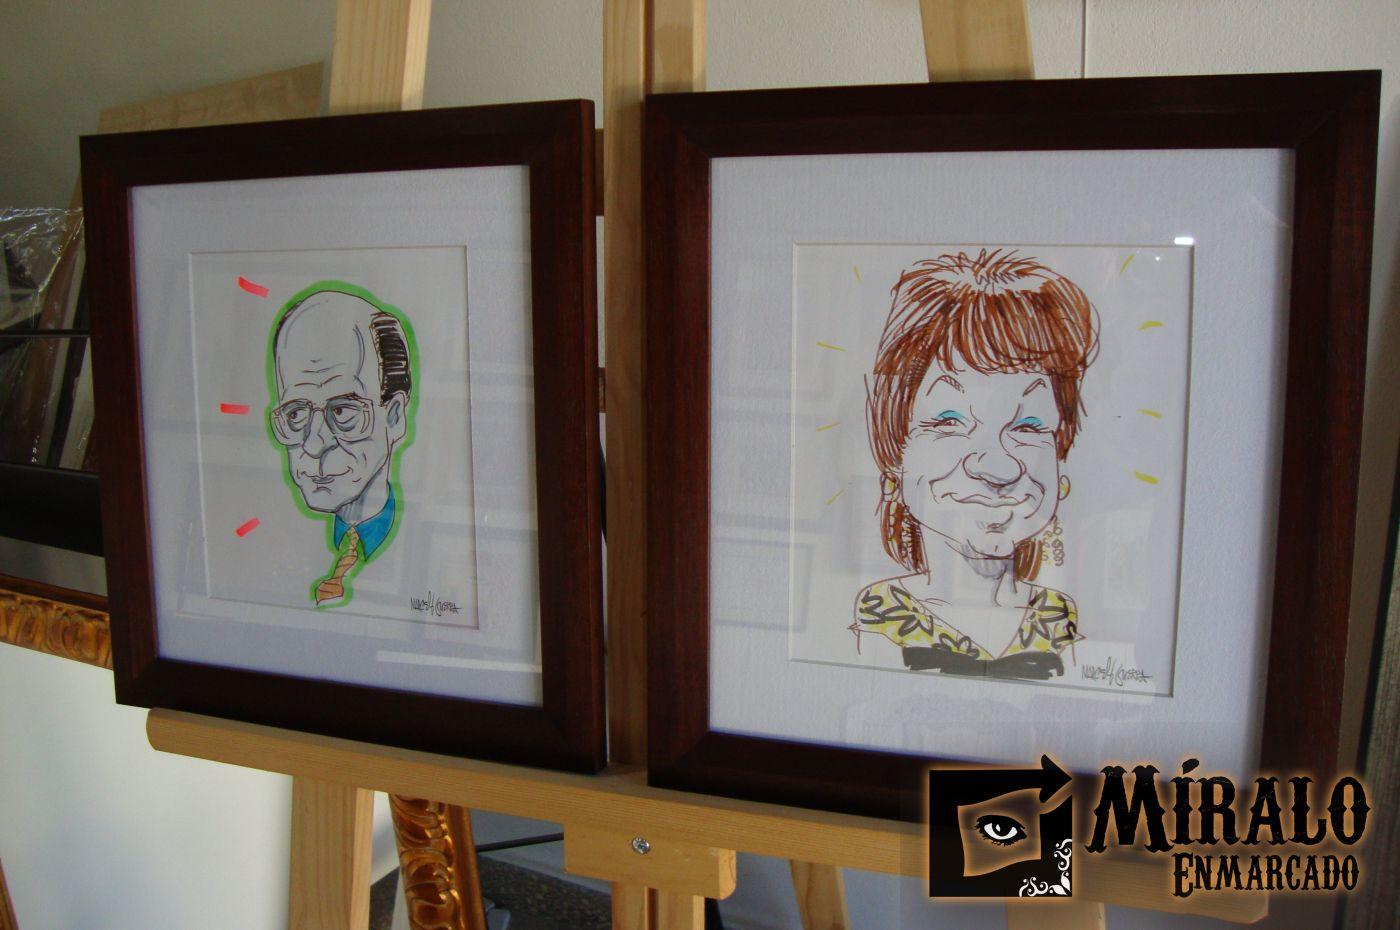 Enmarcado de dibujos - Caricaturas - Marco y passepartout